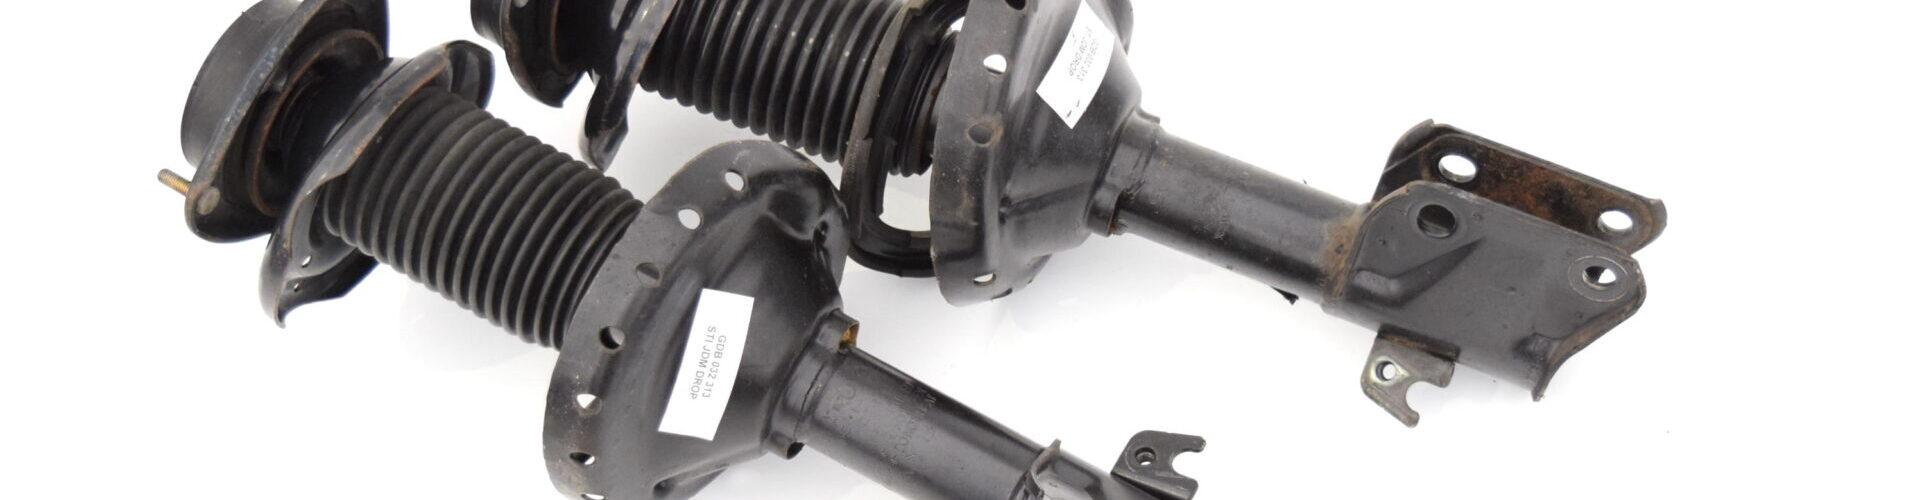 Amortyzatory przednie z Subaru Imprezy WRX STI 2004 wersja JDM OEM 20311FE800 20311FE810